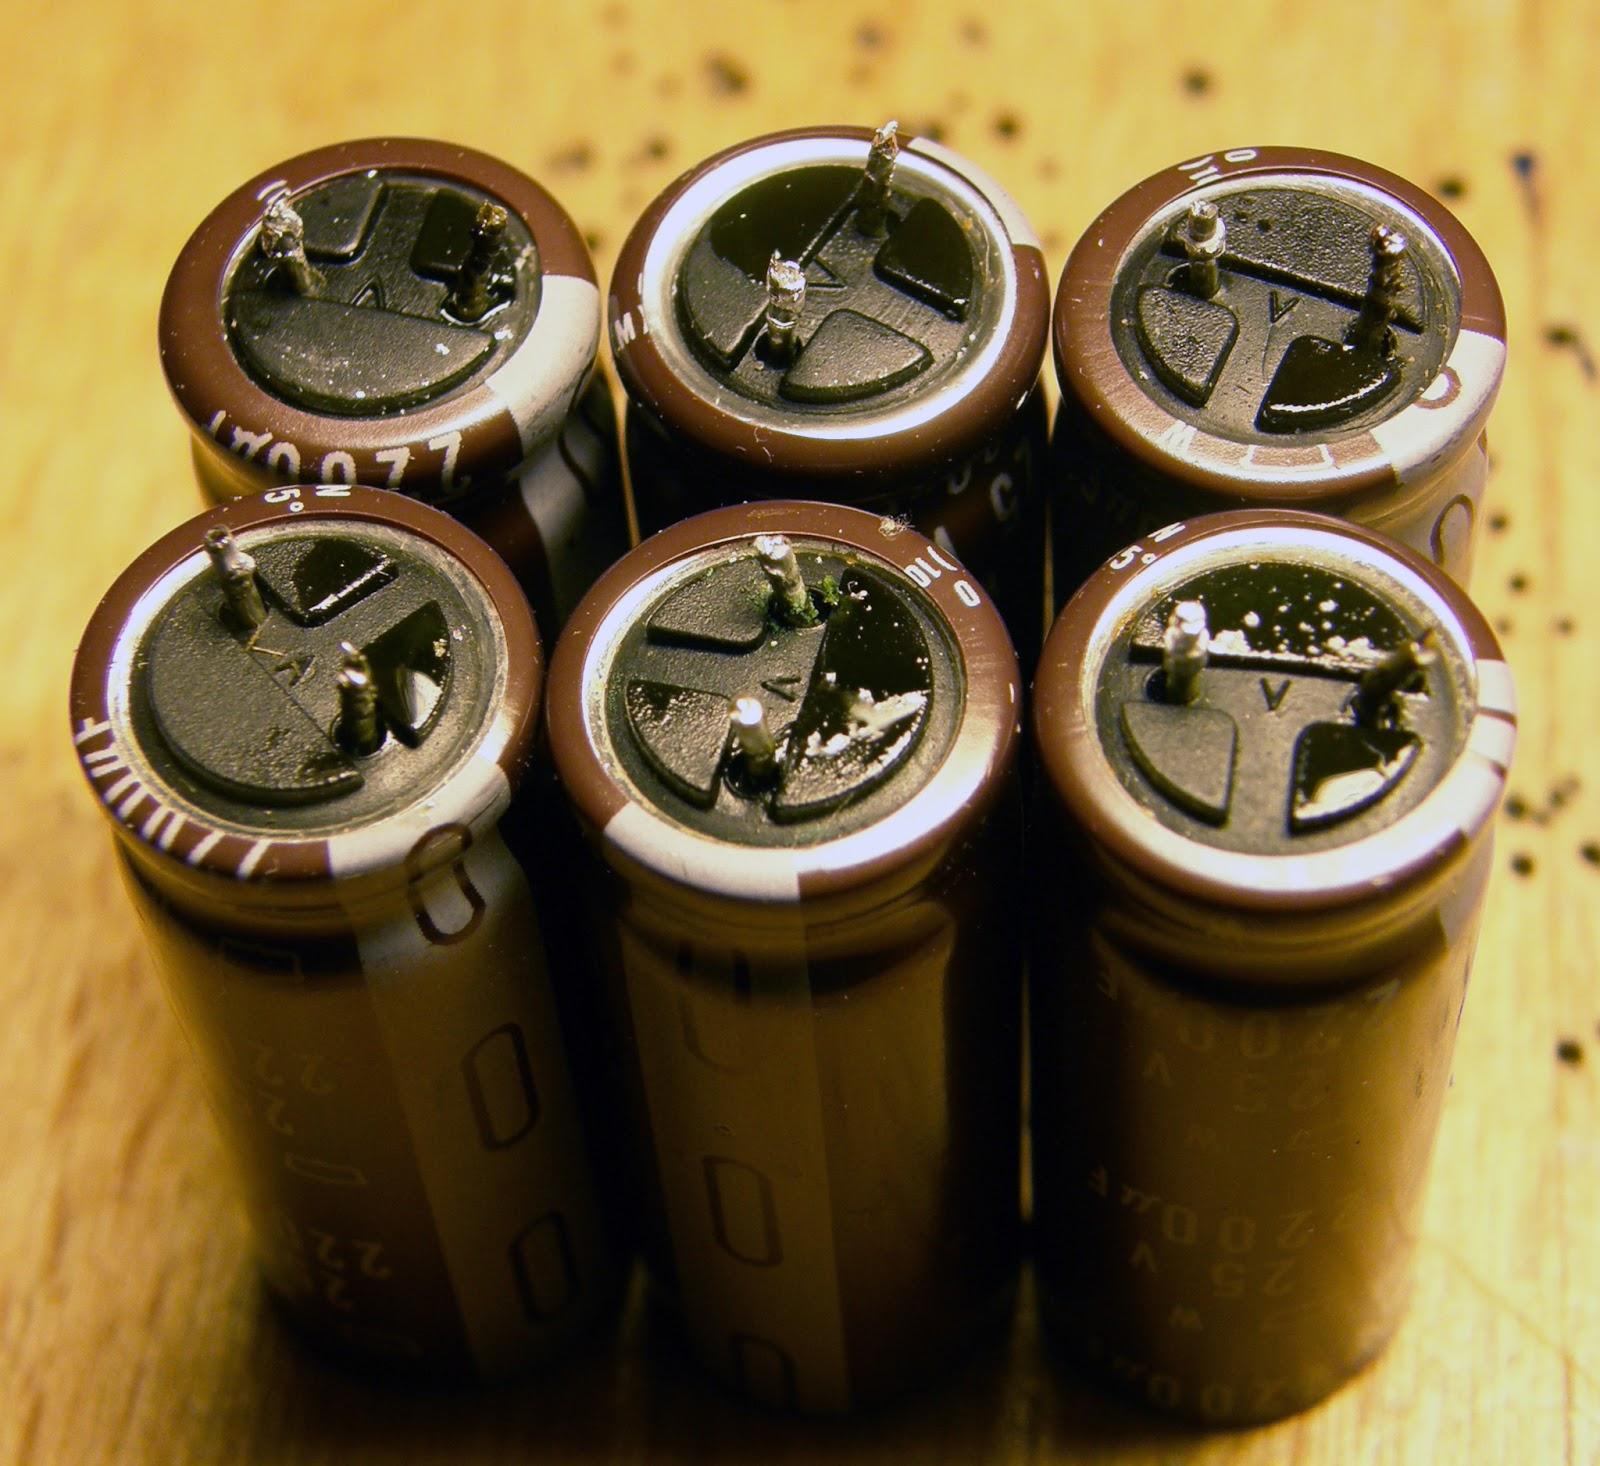 вытекшие конденсаторы фото хороший